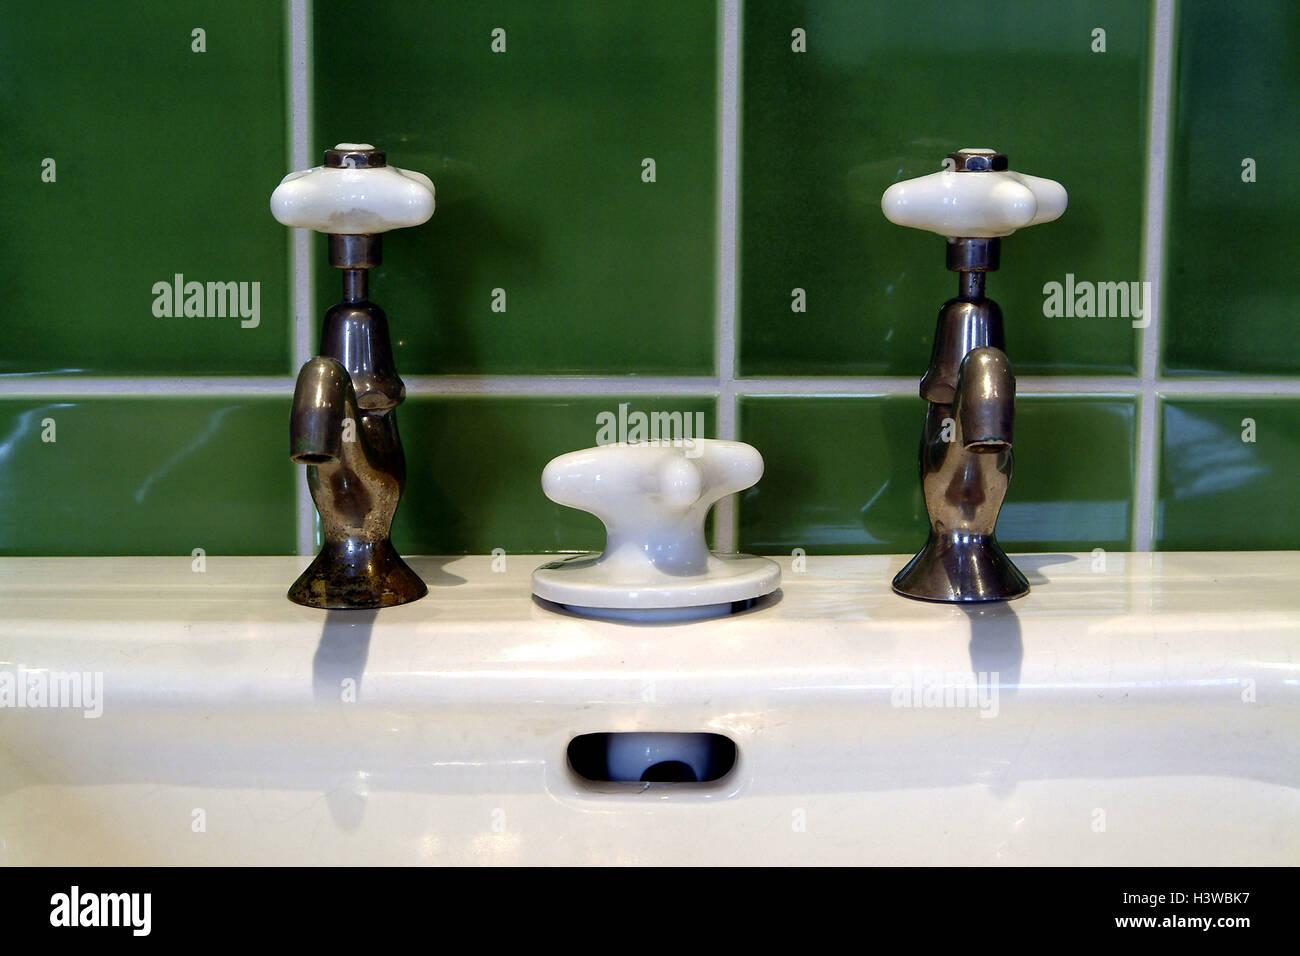 Waschbecken Detail Armaturen In Eine Altmodische Art Und Weise - Nostalgie fliesen bad